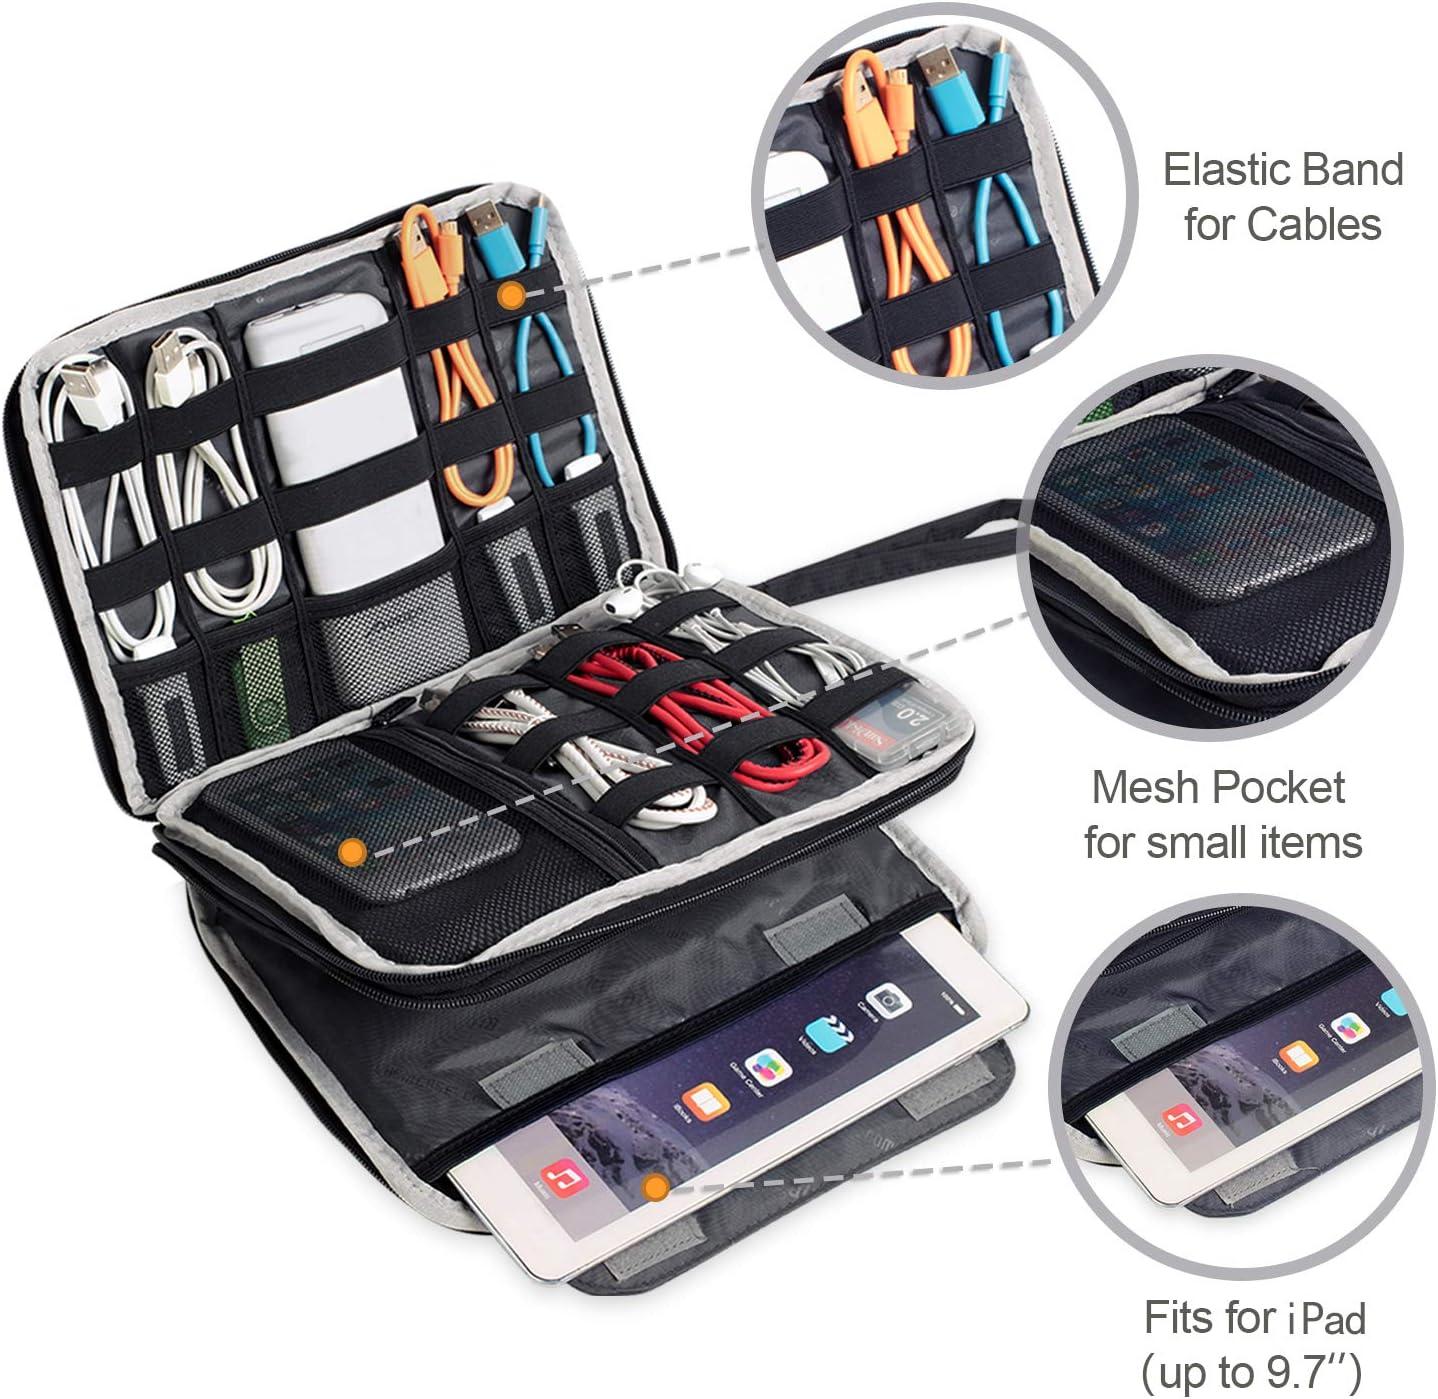 Sac des Accessoires Electroniques de Haute Capacit/é pour Ipad C/âbles USB BUBM Organiseur de Voyage Universe Large, Noir Disque Dur Batterie Cartes M/émoires et plus Double Couches avec Fermeture /à Glissi/ère